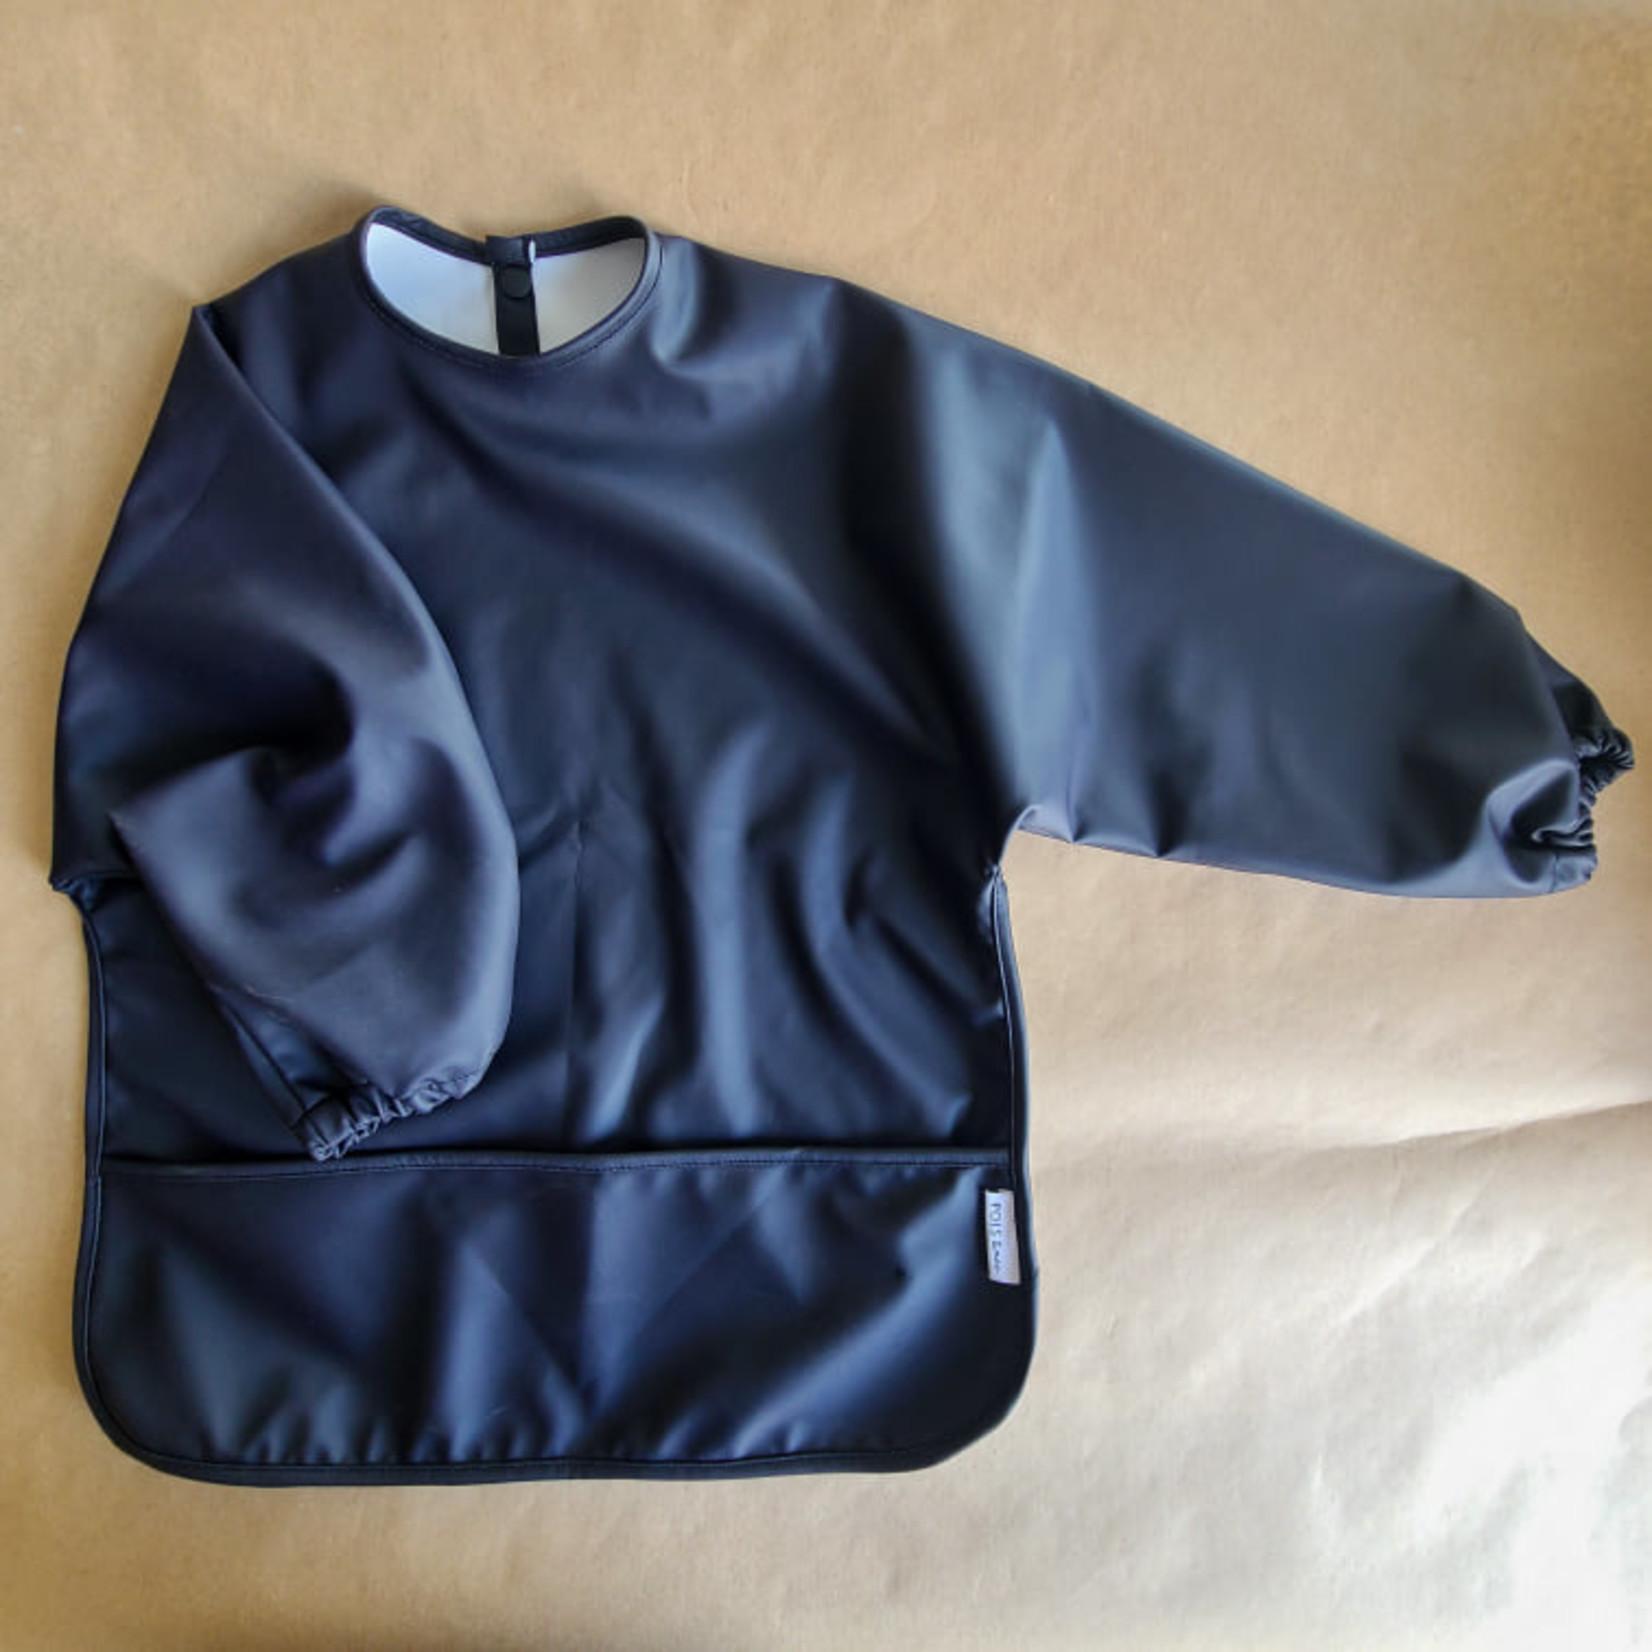 Pois & Moi || Bavette à manche 0-24 M Bleu Sombre